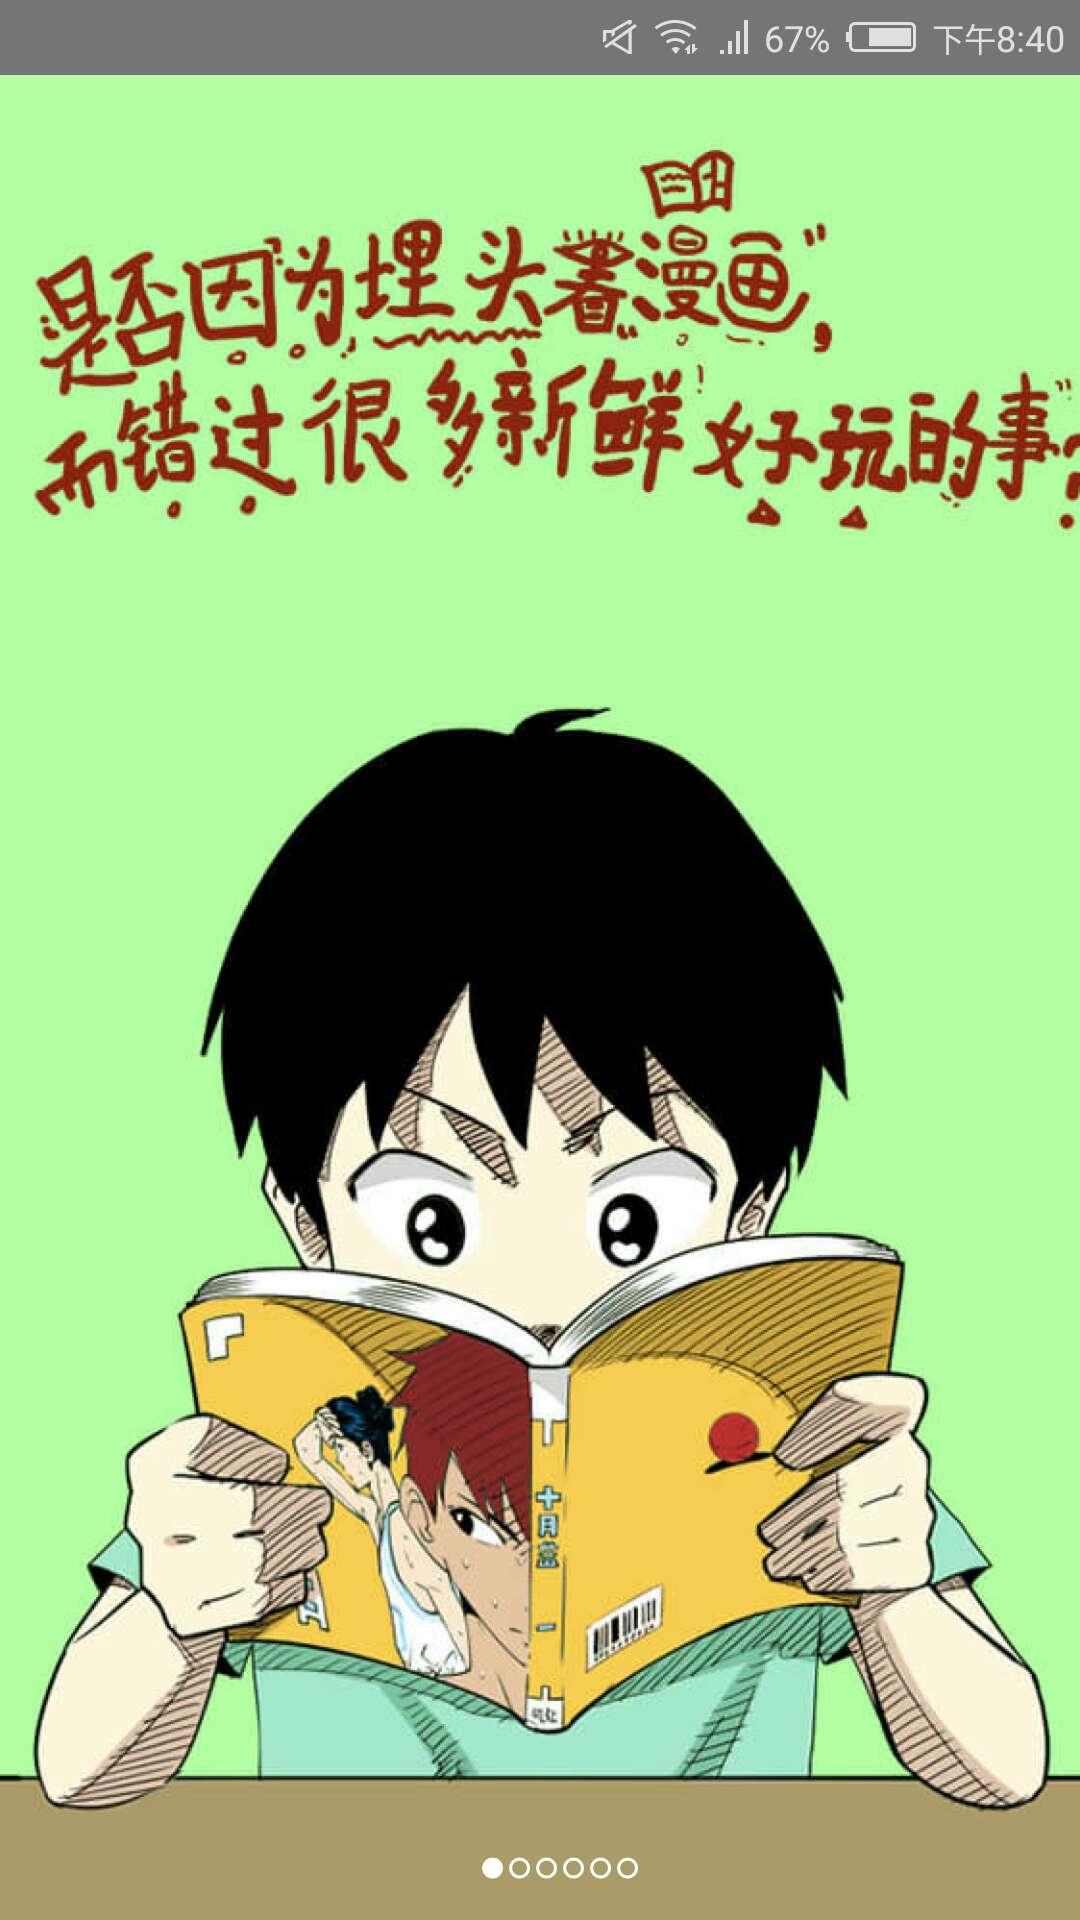 【资源分享】一起看漫画 版本2.5.8